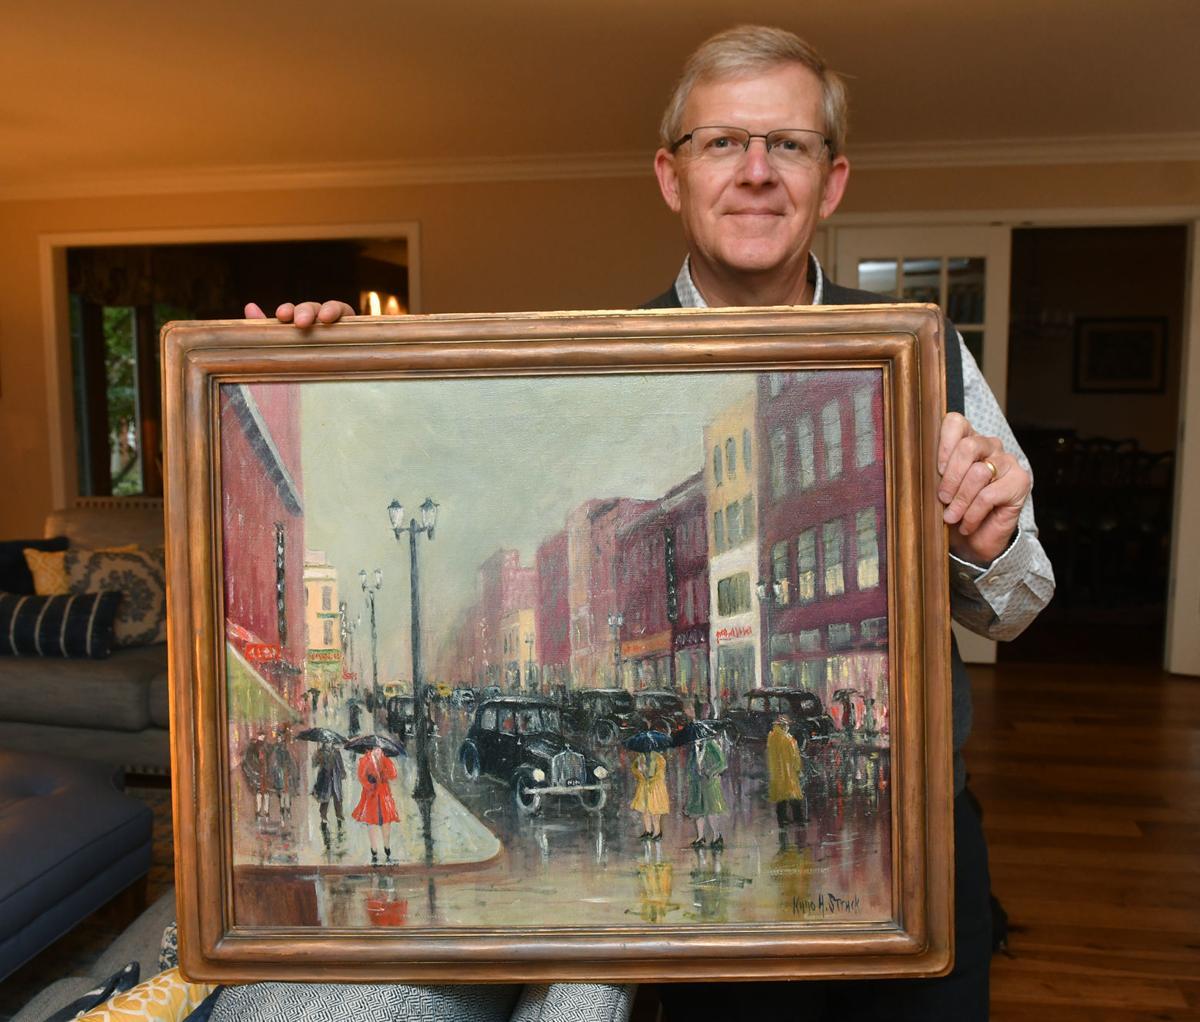 Scott Saveraid and his Kuno Struck painting